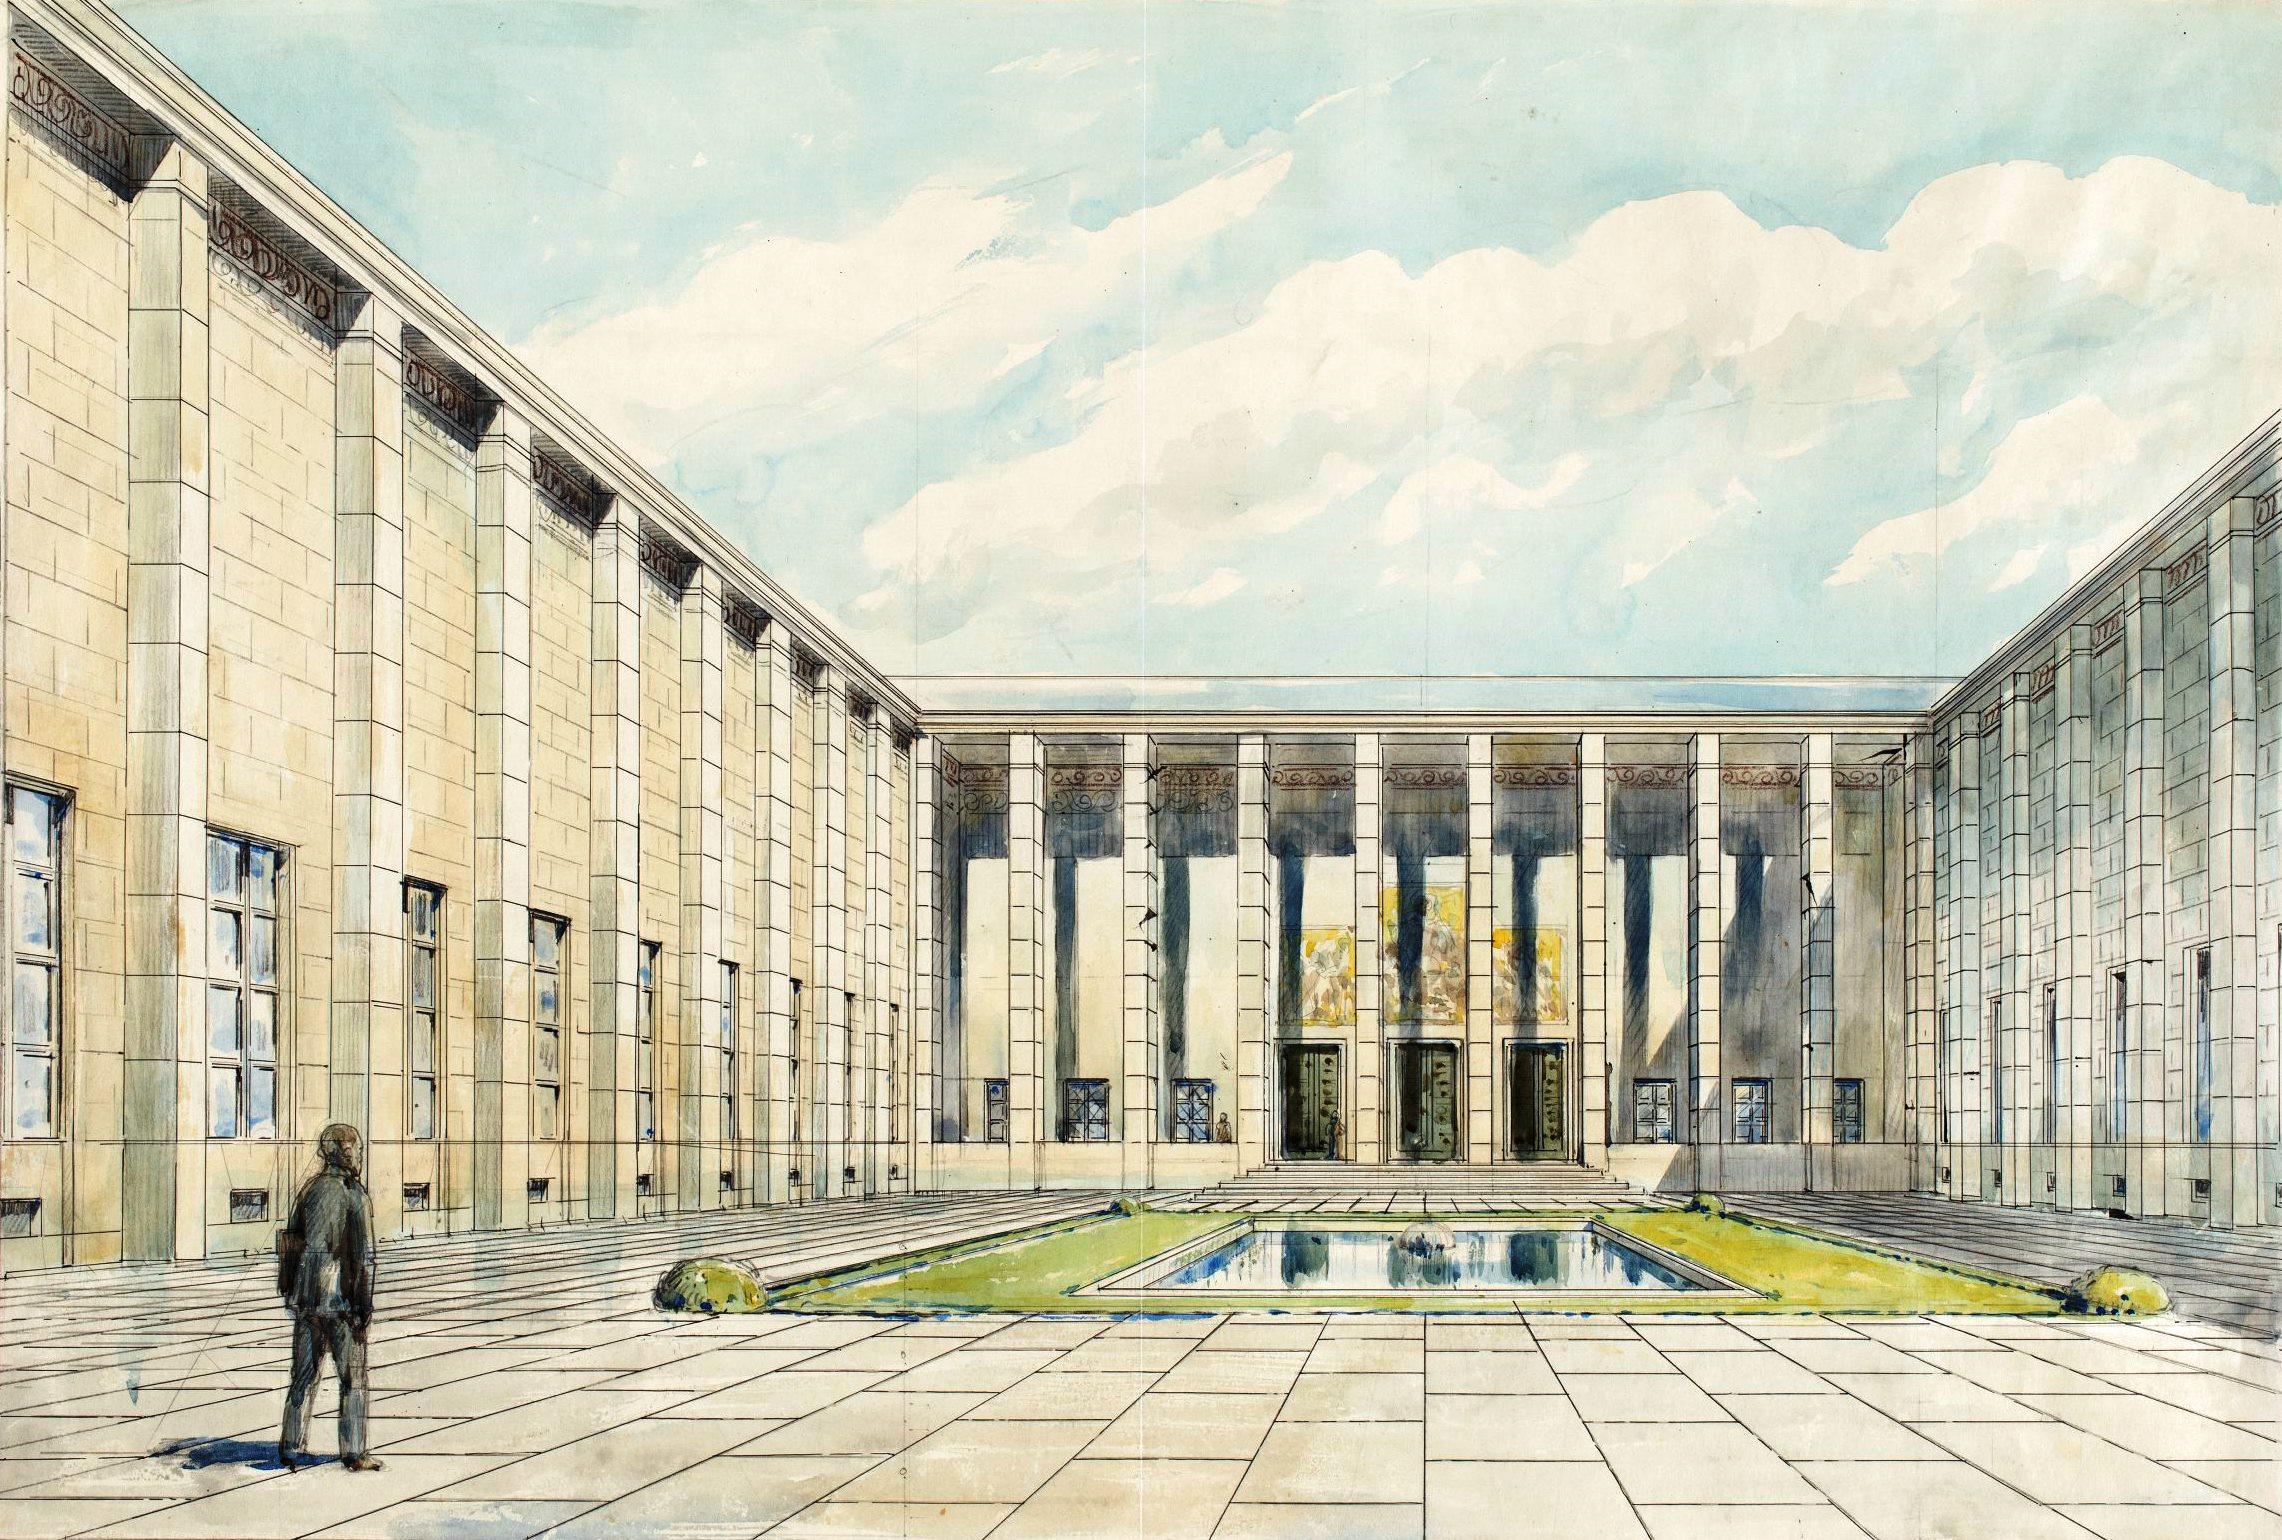 Warszawa Muzeum Narodowe Widok Dziedzinca Glownego Z Kompozycja